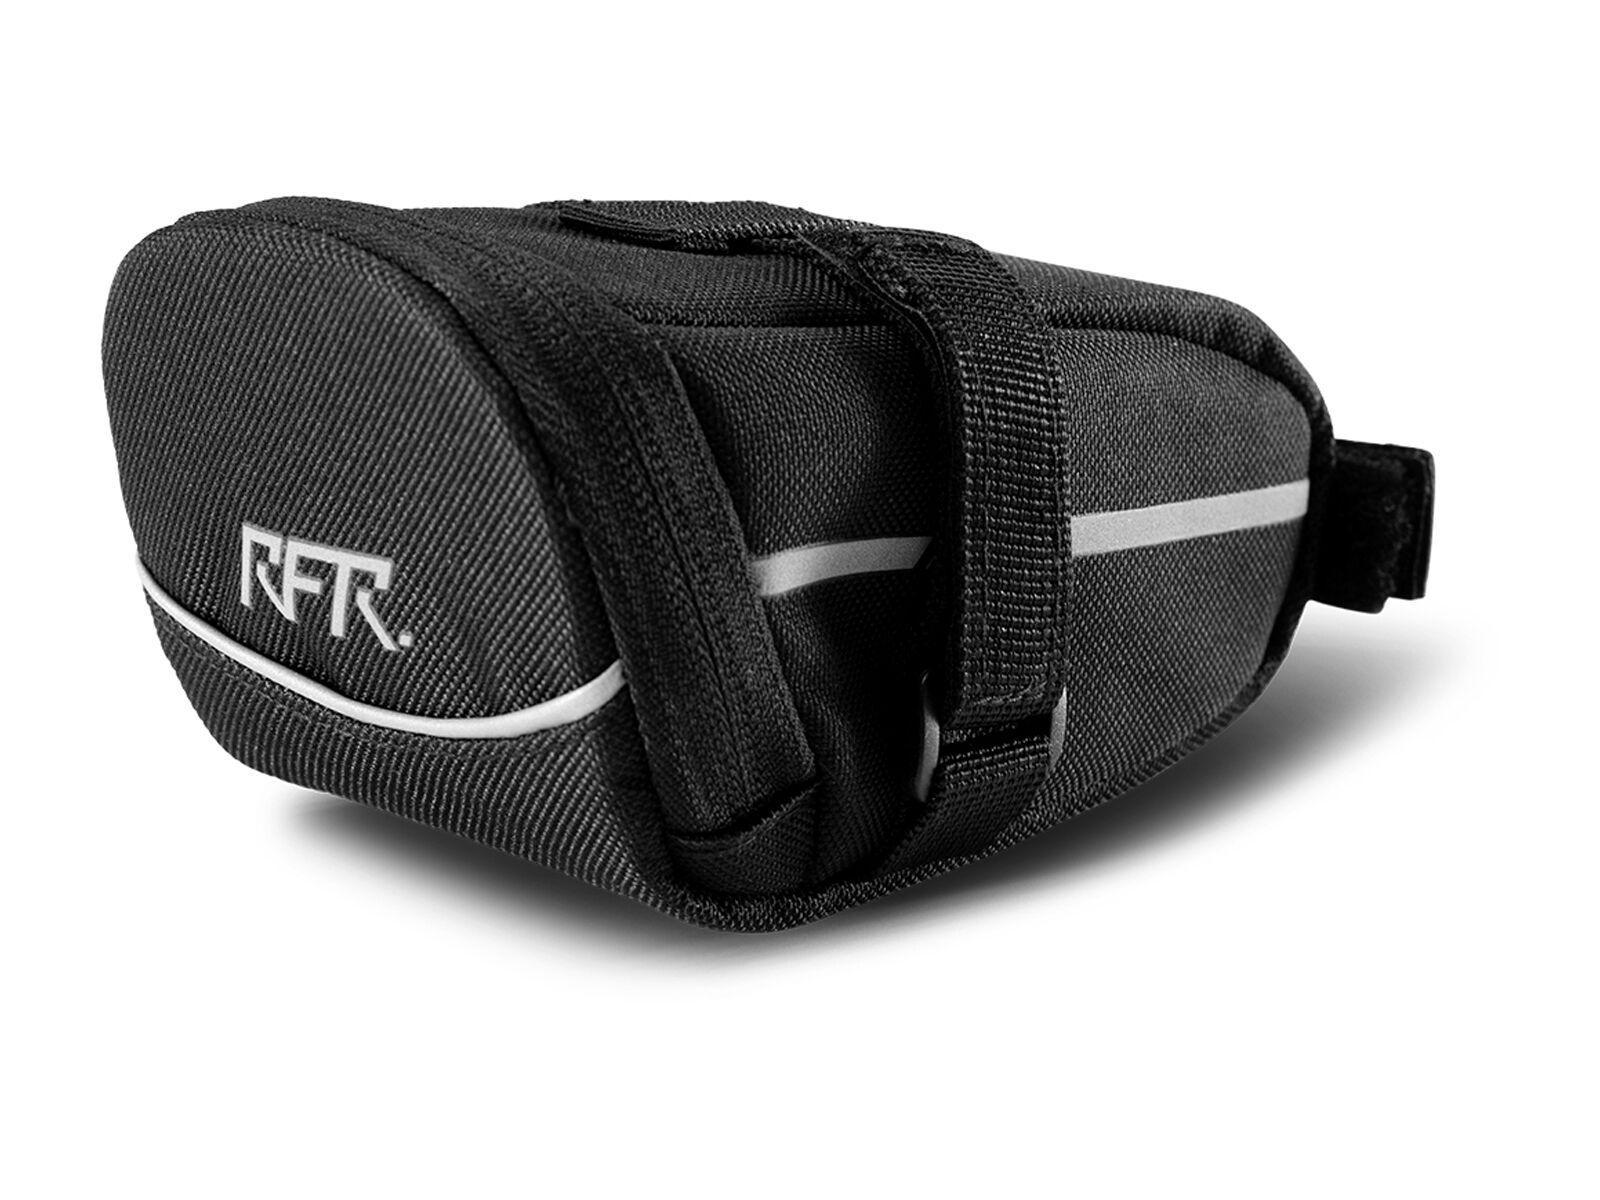 Cube RFR Satteltasche M, black 14078